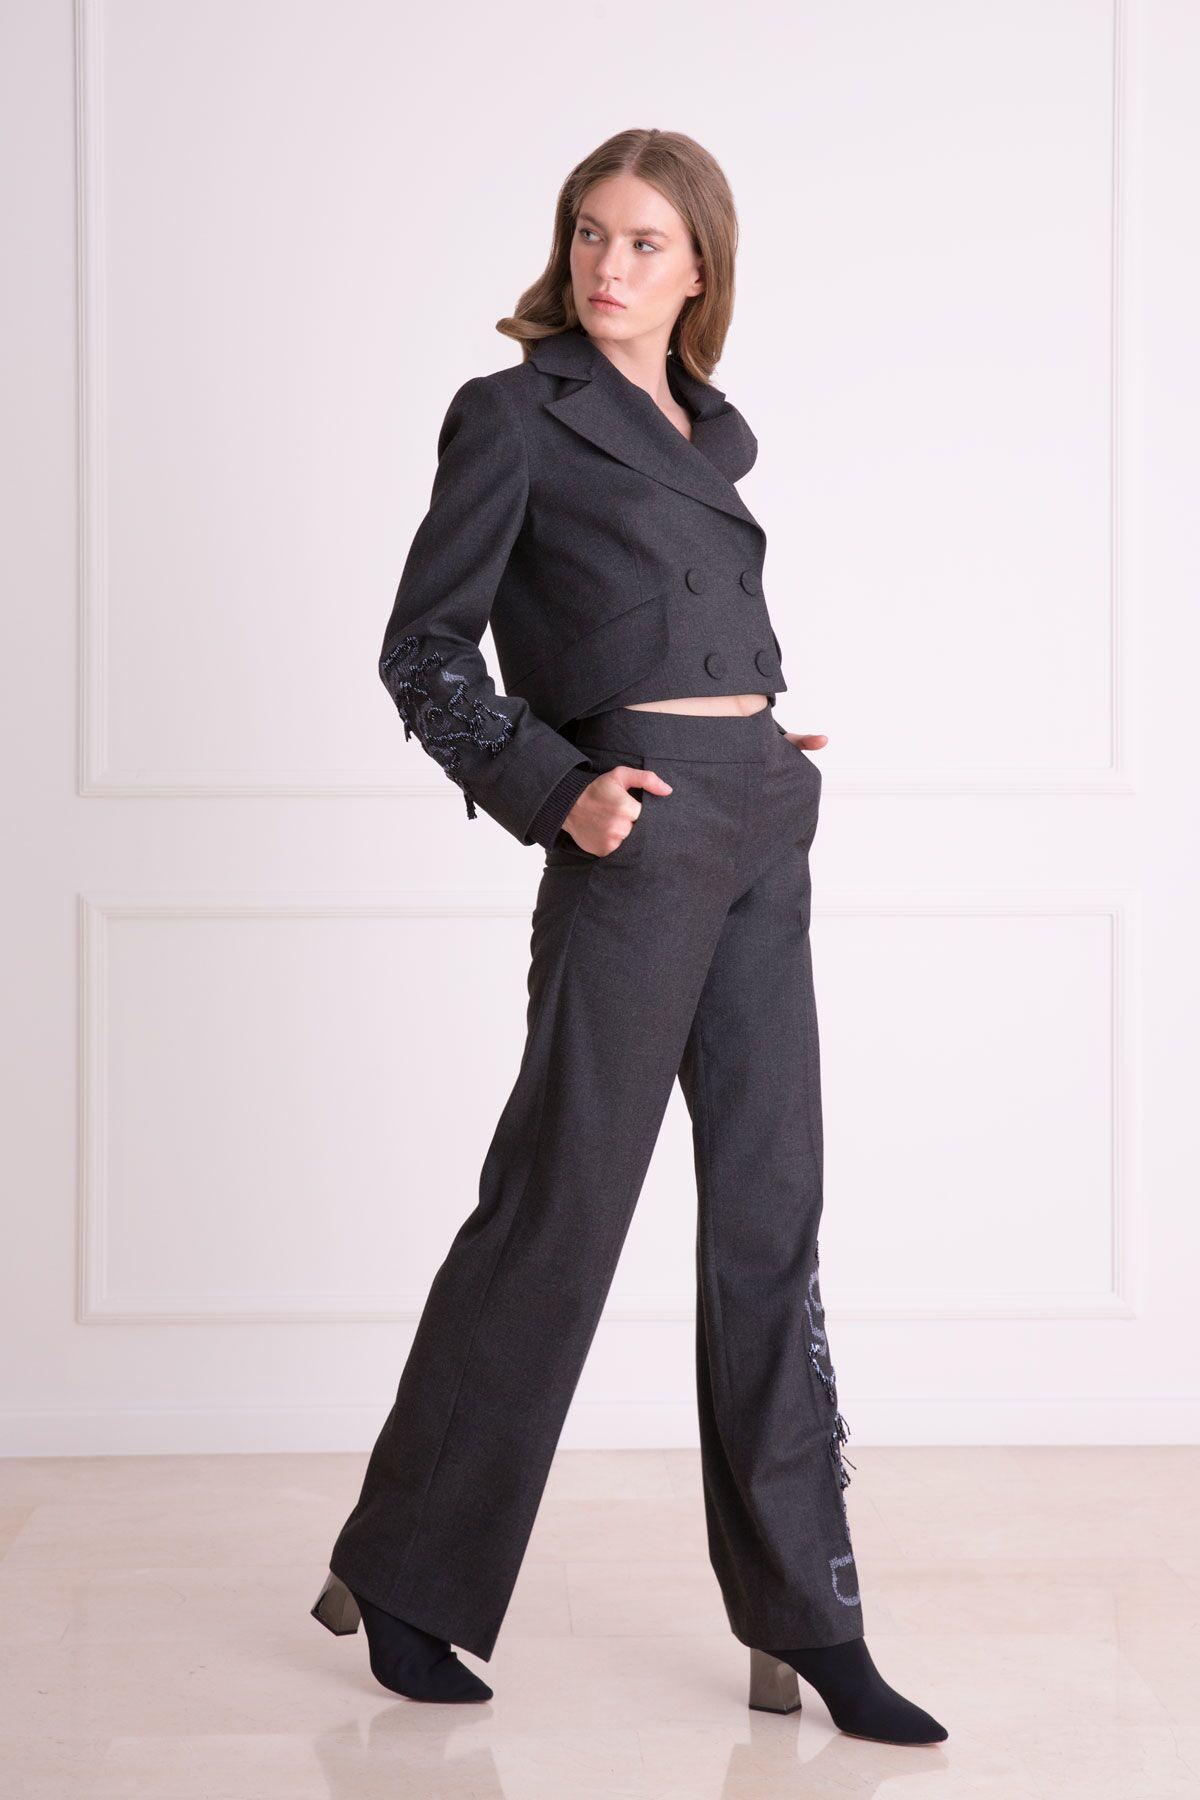 Kol İşlemeli Antrasit Siyah Kısa Ceket